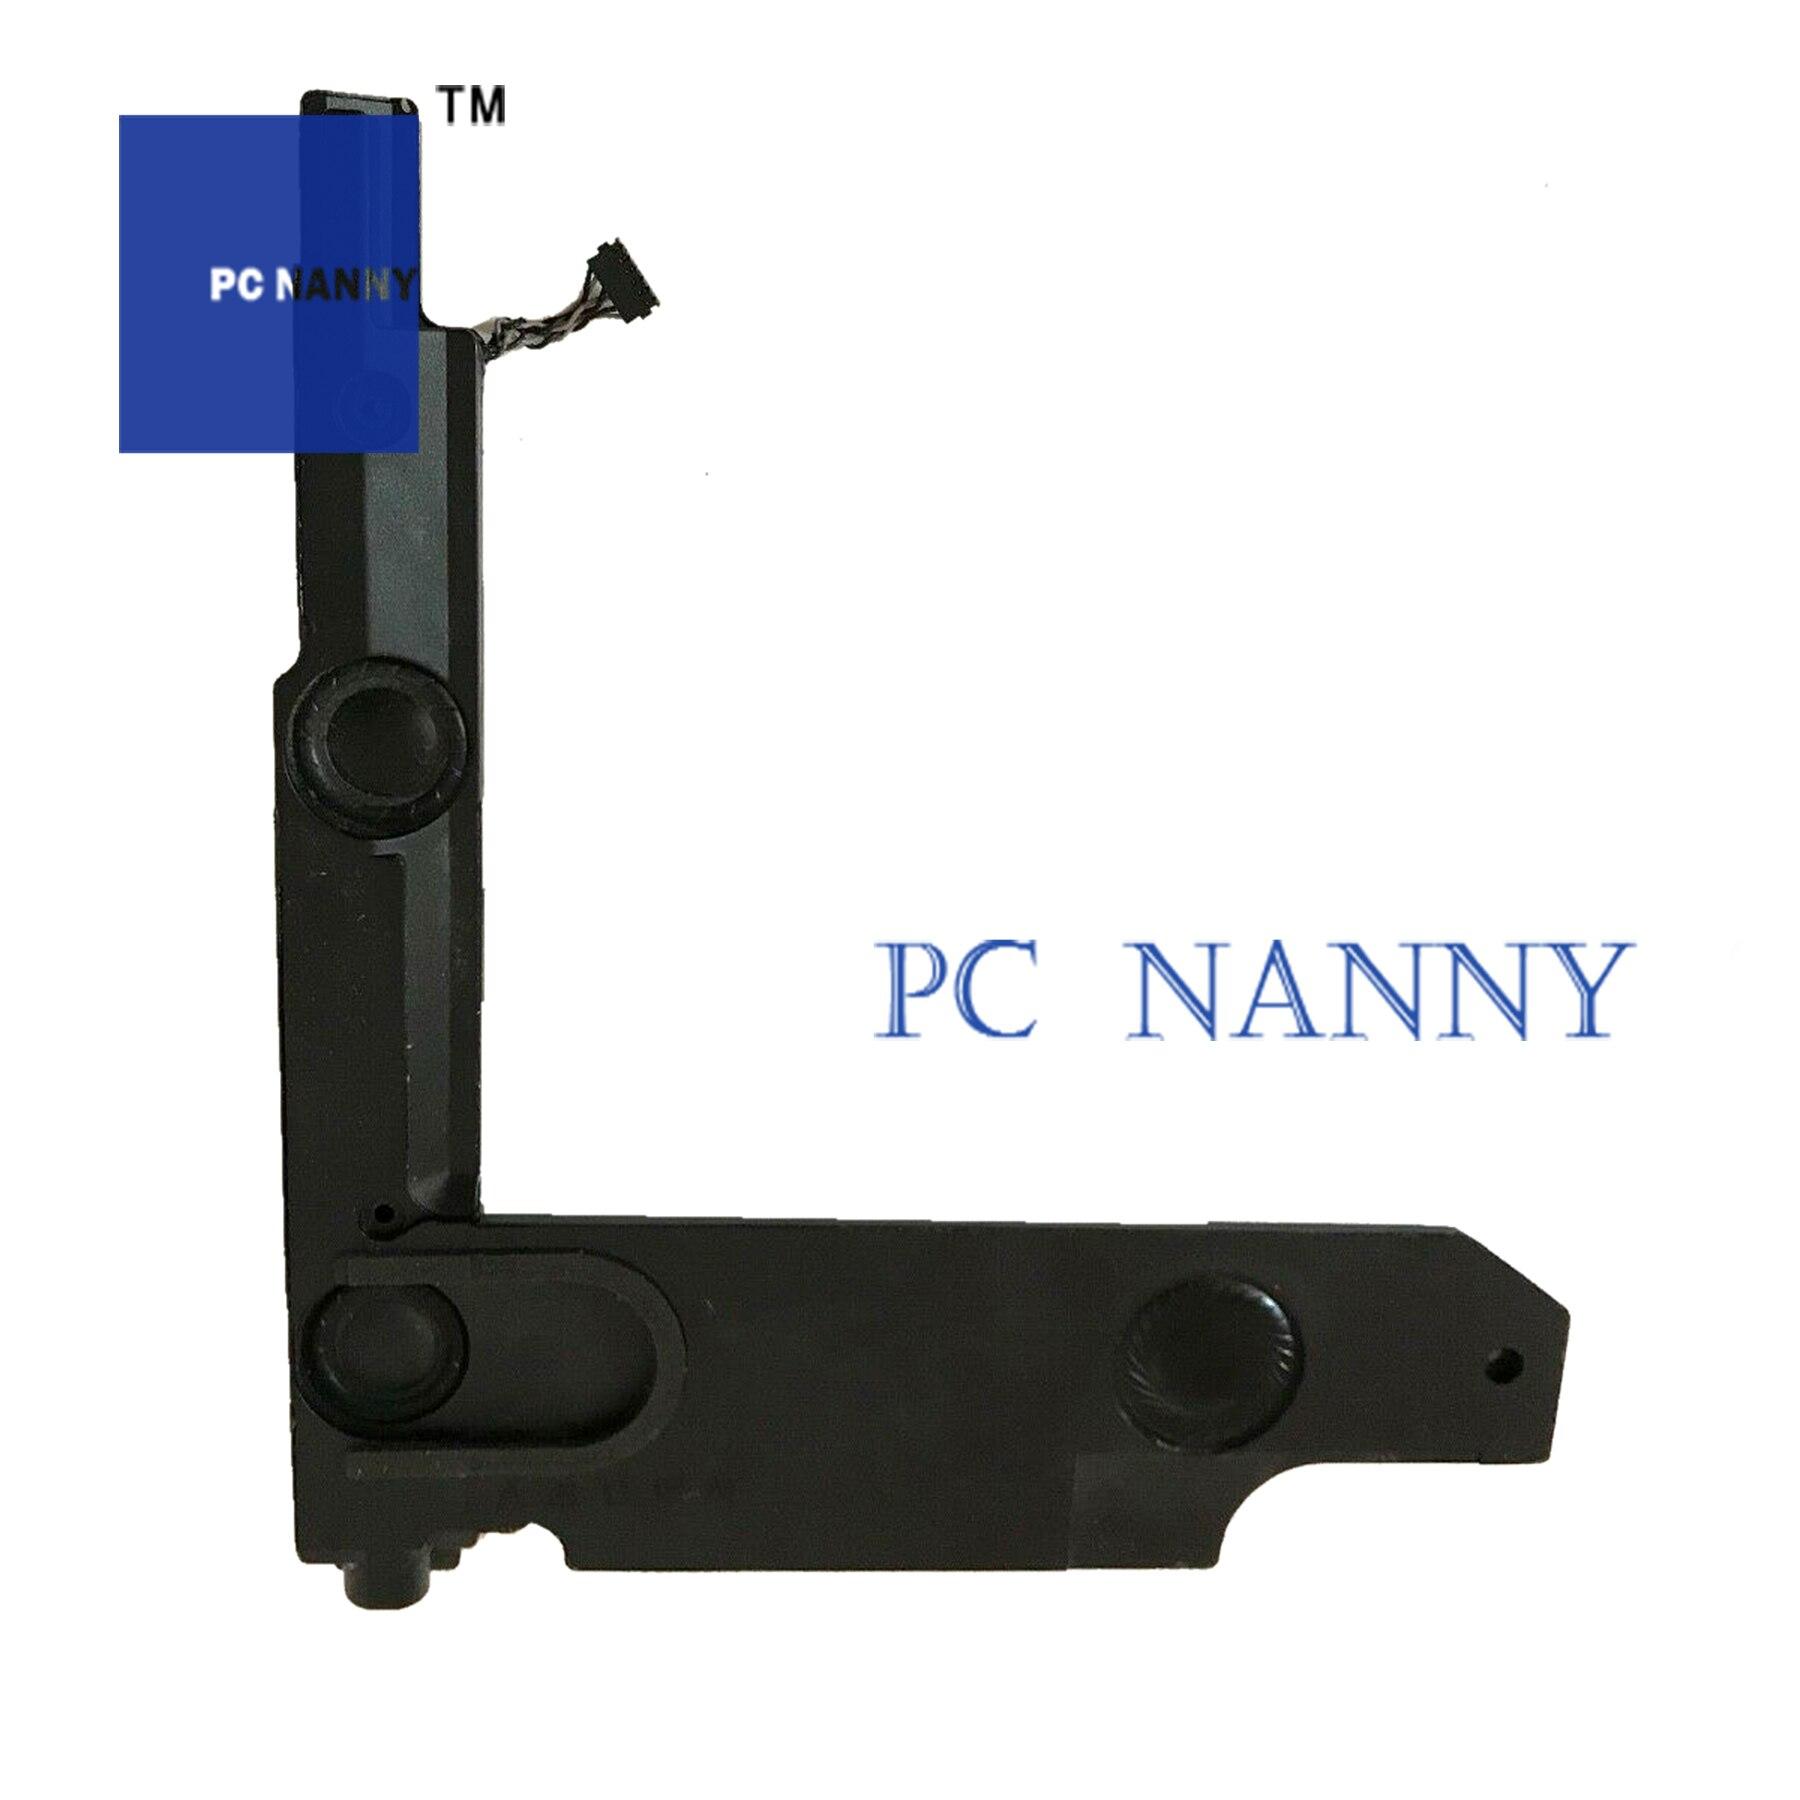 """PCNANNY para MacBook Pro 17 """"A1297 2010 2011 altavoz Subwoofer 922-9289 MC725 MD311 prueba buena"""